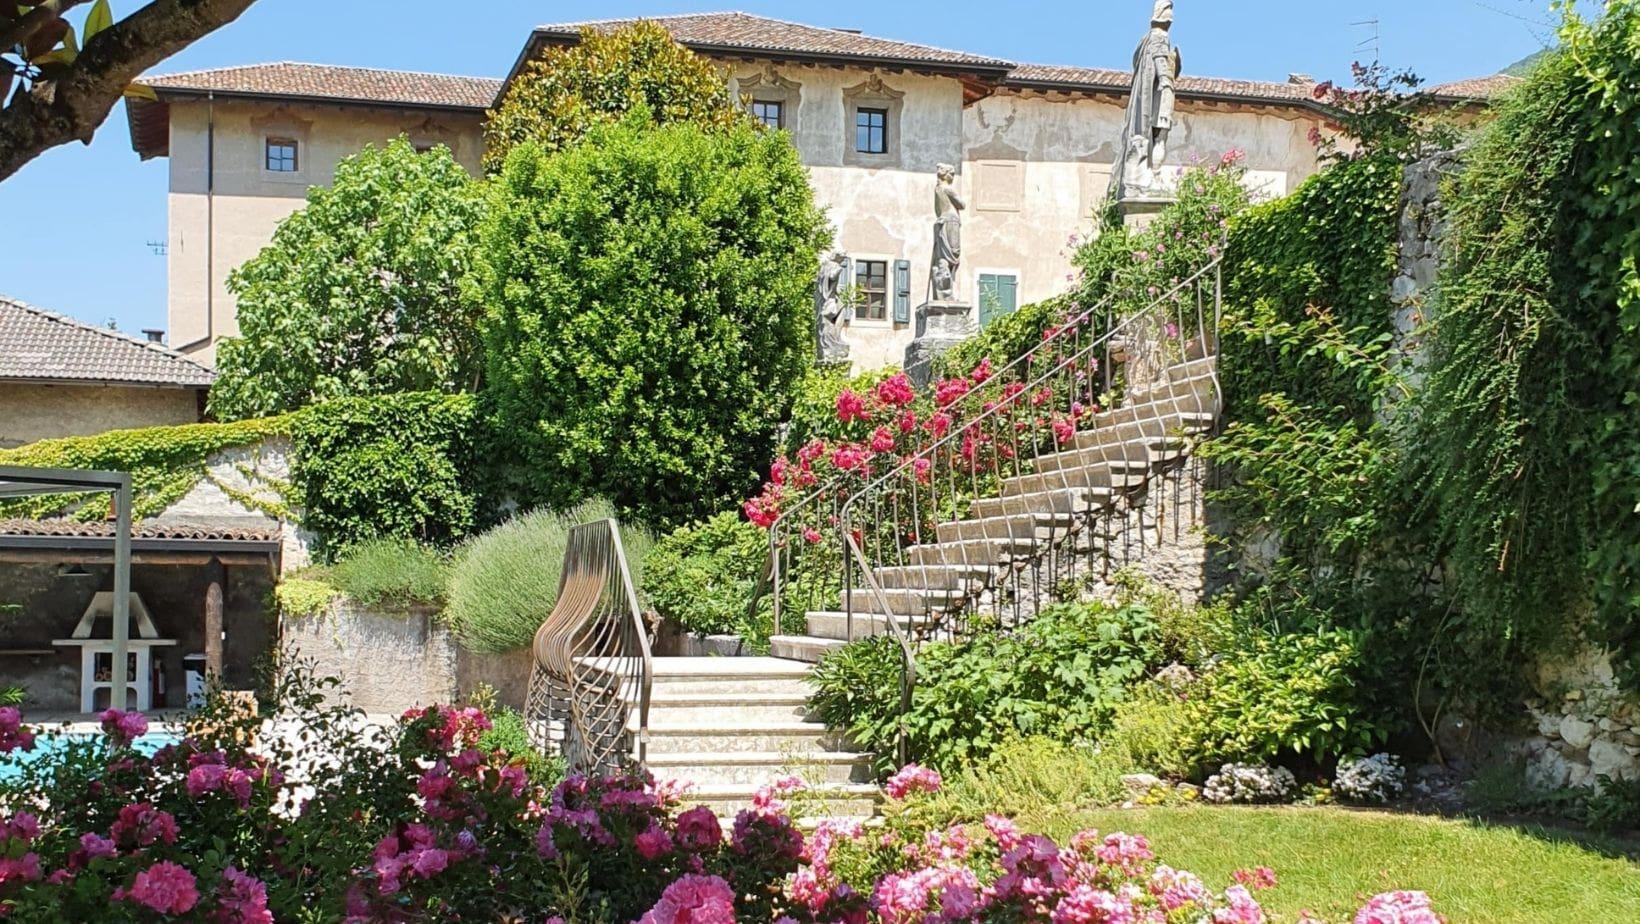 Villa Bortolazzi Trento Estetica-Dama